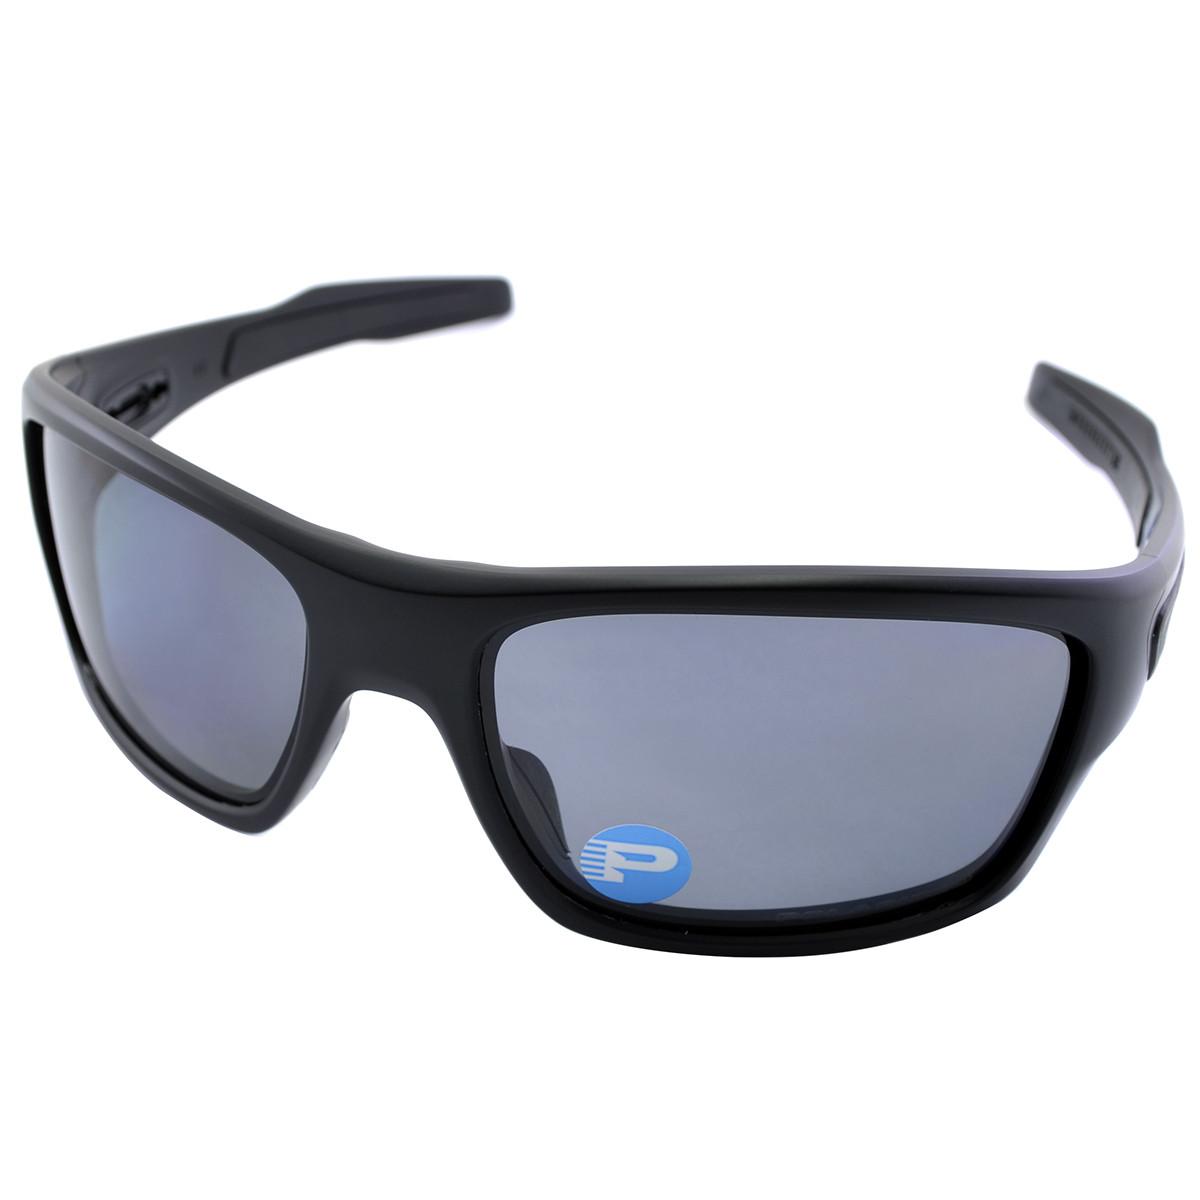 Óculos Oakley Turbine Matte Black Lente Grey Polarizada ref OO9263-07 04b8ed5065